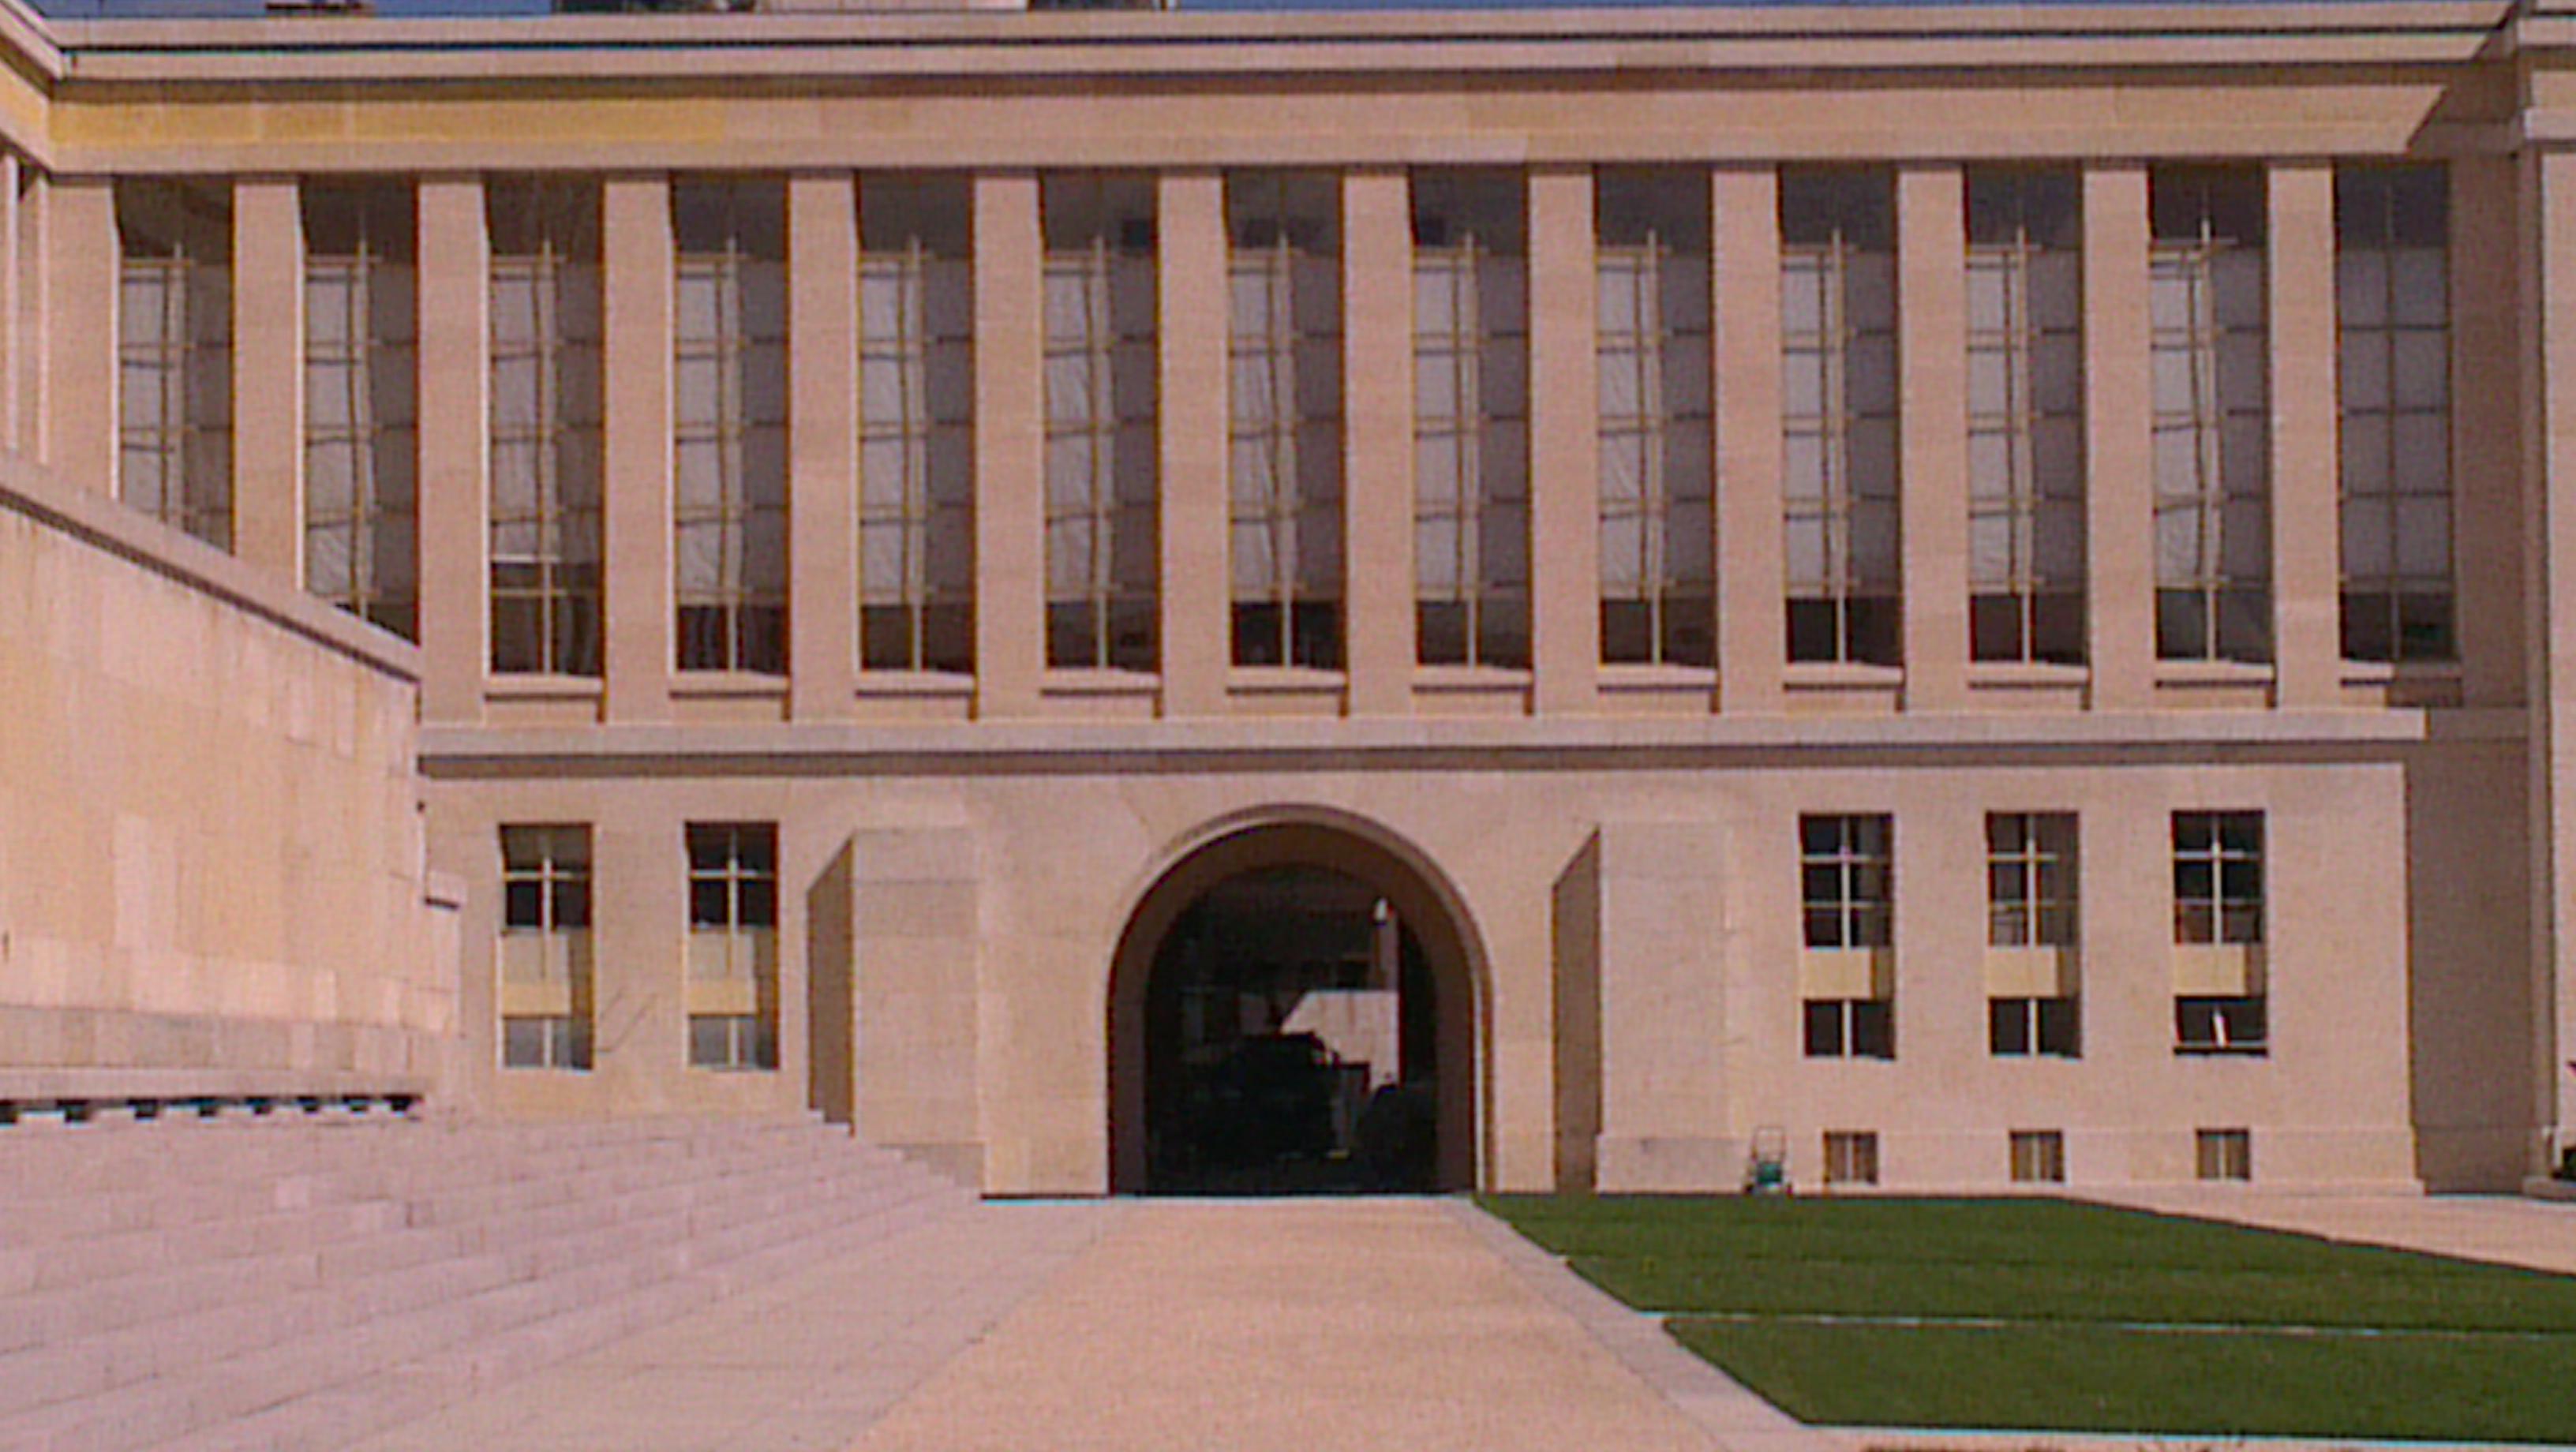 Bâtiment de la paix à Genève GVA comprenant des nombreuses conférence sur la paix, les pays représenté doivent respecter la charte Onusiene